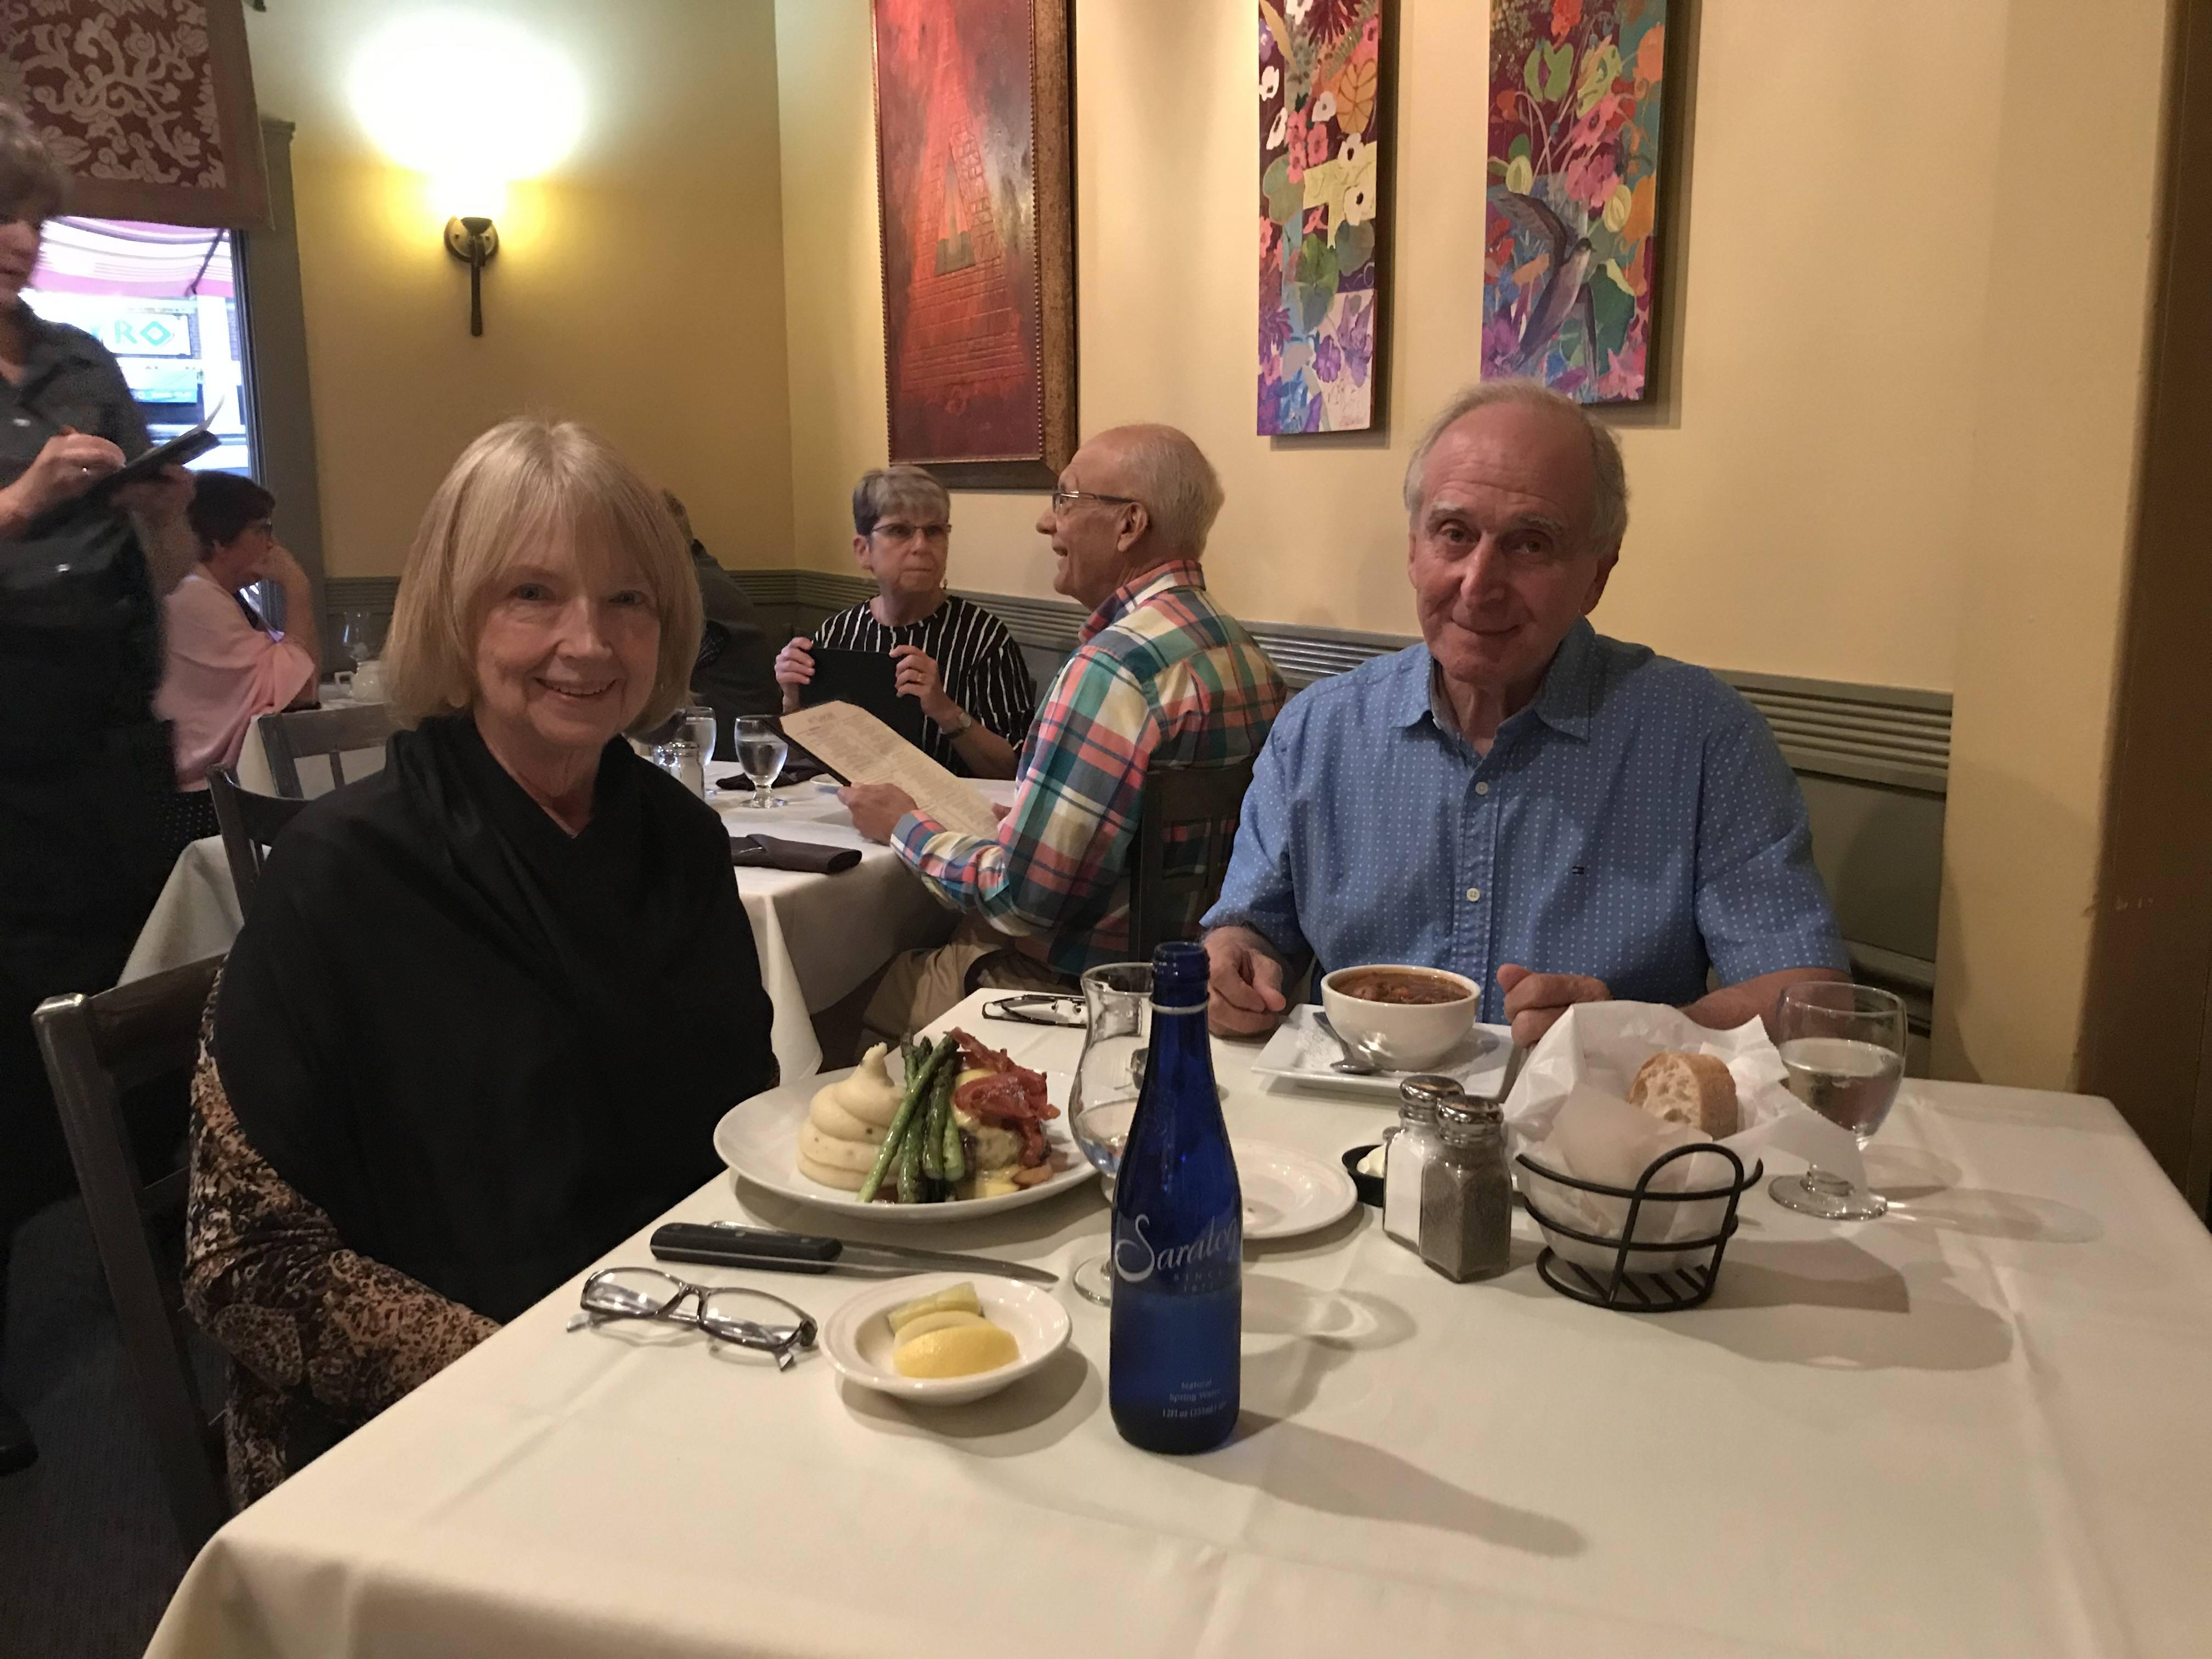 20190922 Transplantiversary dinner